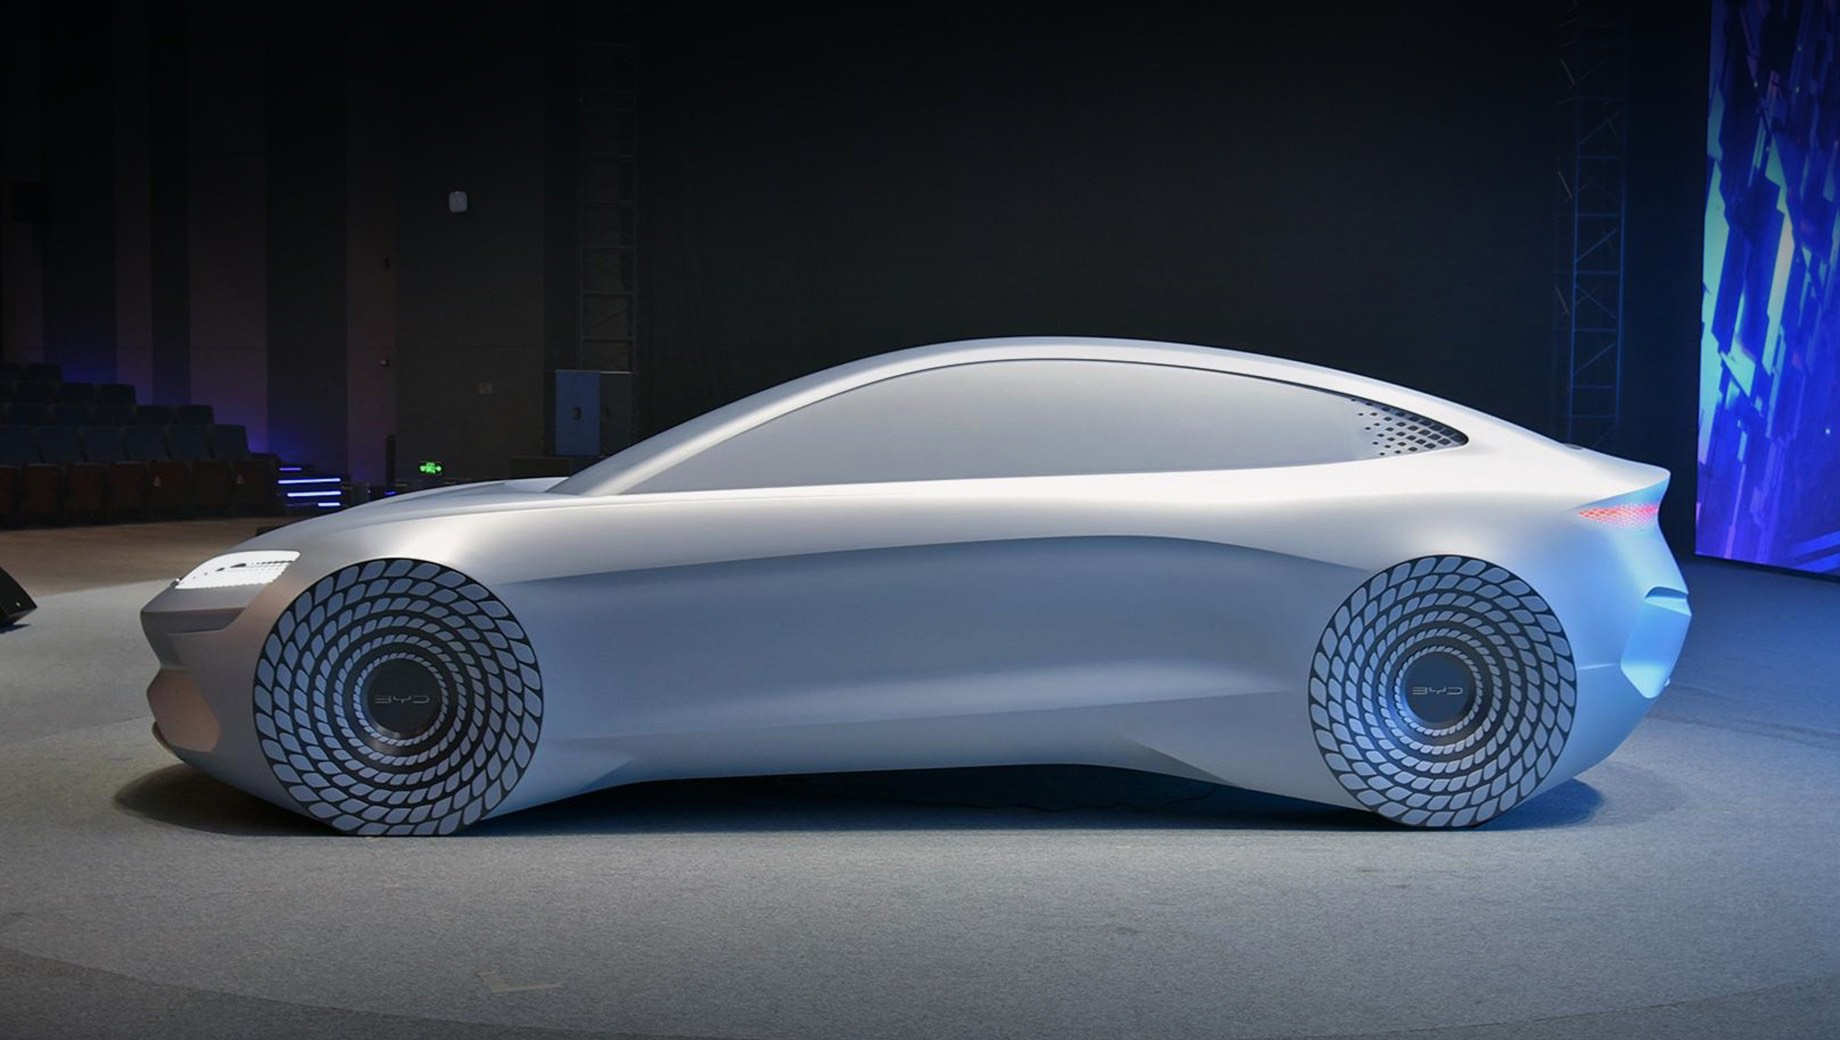 Byd concept,Byd ocean x. Функцию шоу-кара на этот раз выполнил неподвижный макет с действующей светотехникой. По одной лишь форме кузова понятно, что Ocean-X нацелен на борьбу с седаном Tesla Model 3.